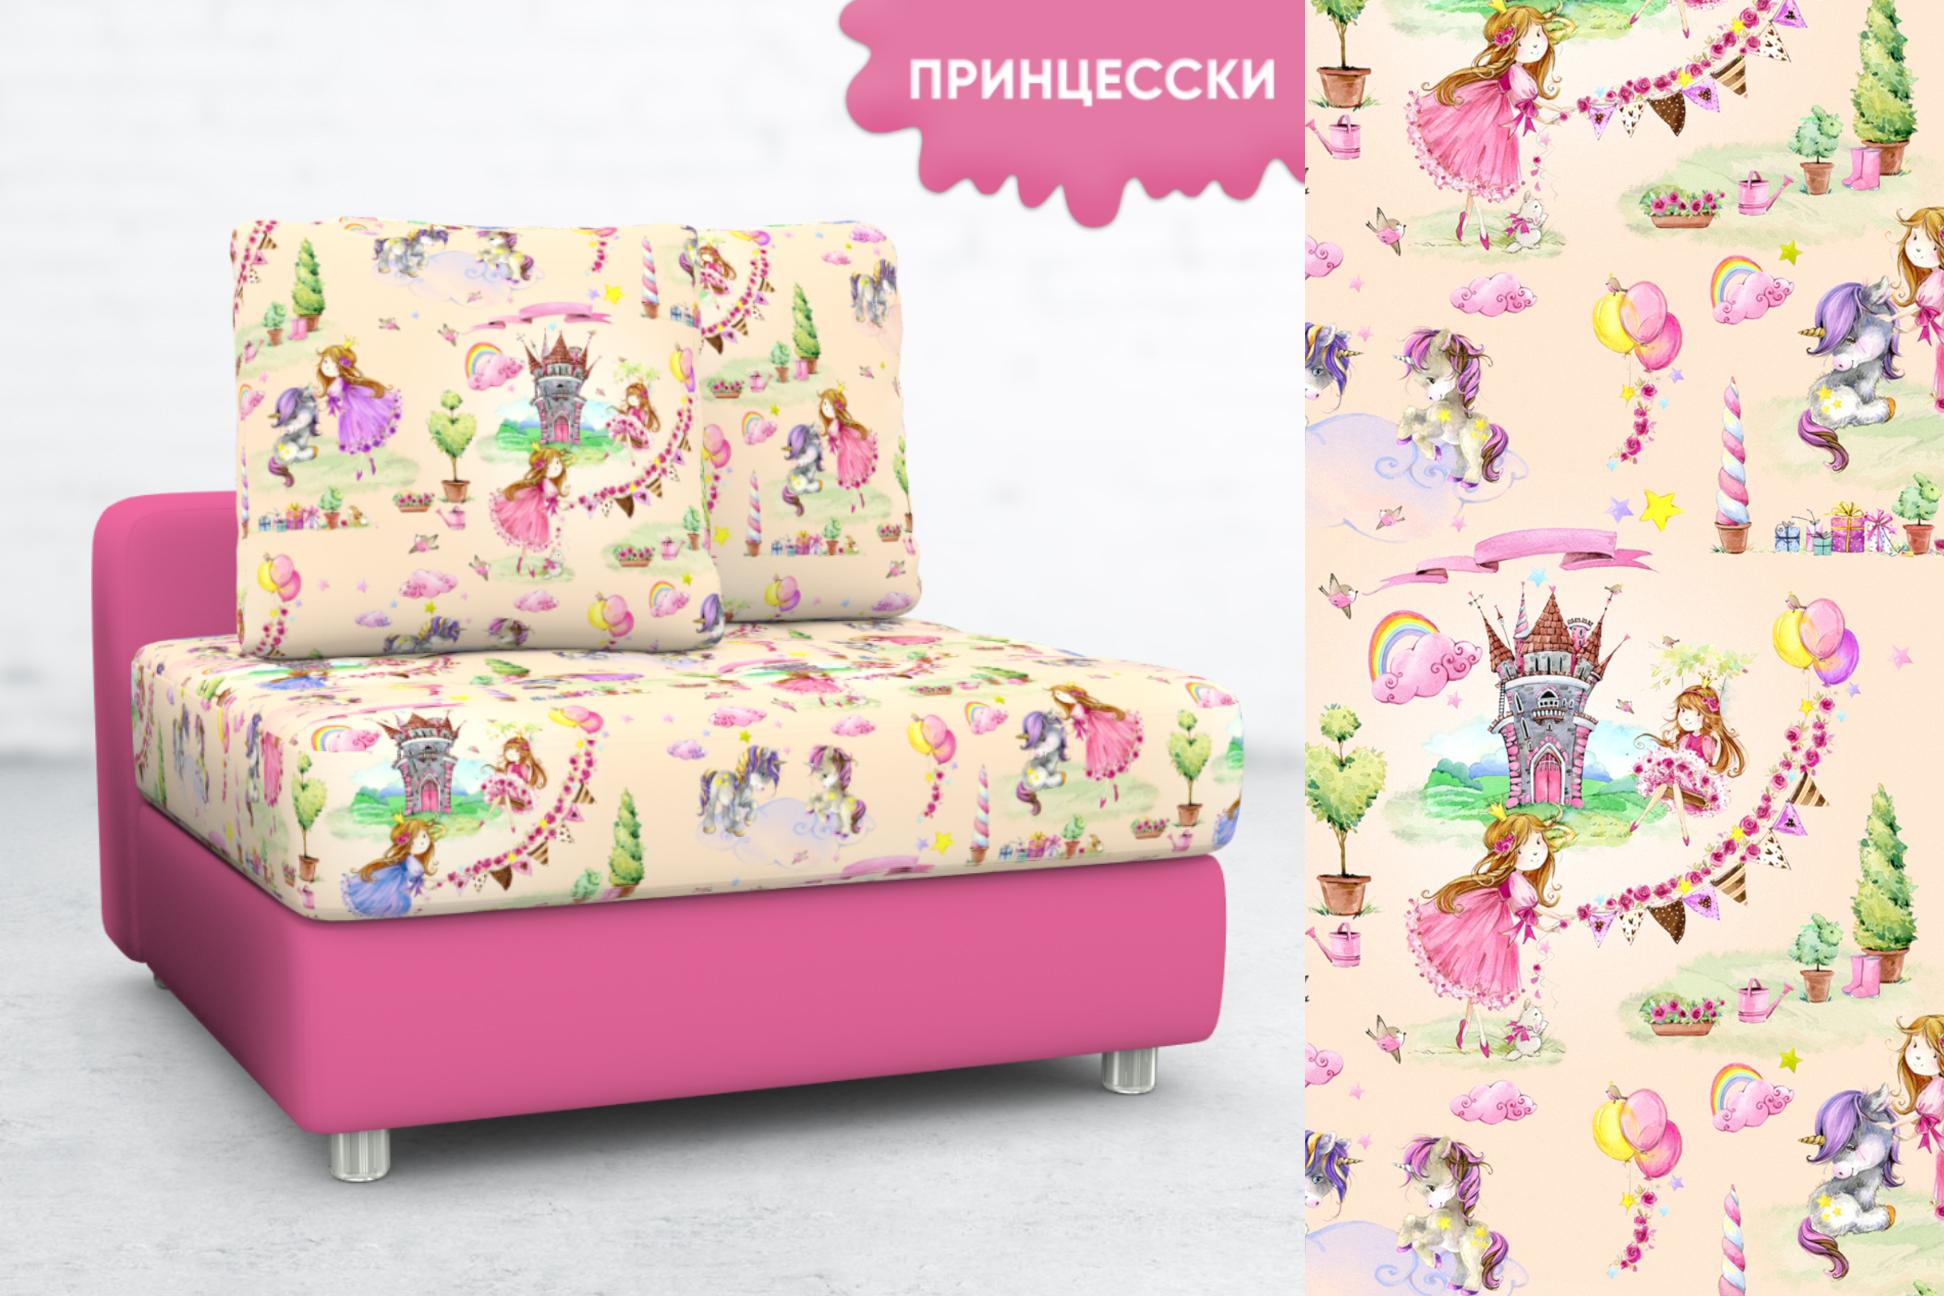 Princesski_slider_1